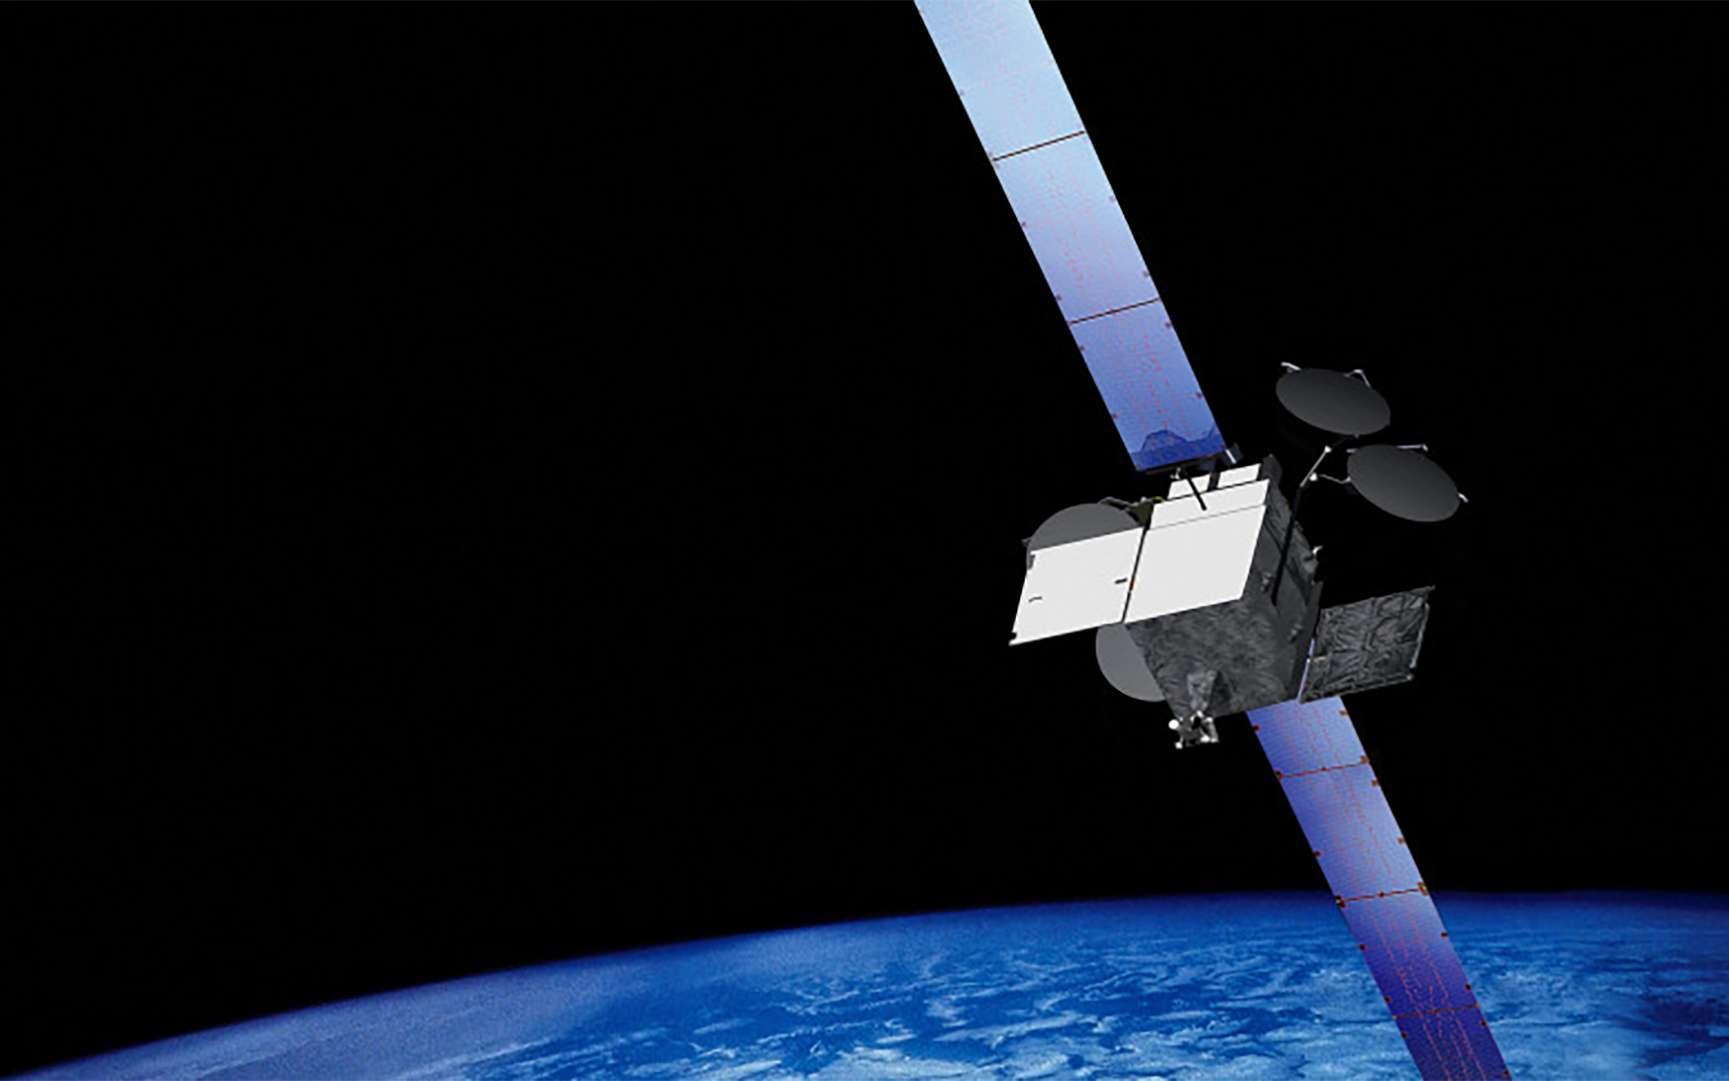 Vue d'artiste d'un satellite de télécommunications de Boeing, construit autour d'une plateforme de type 702HP. © Boeing